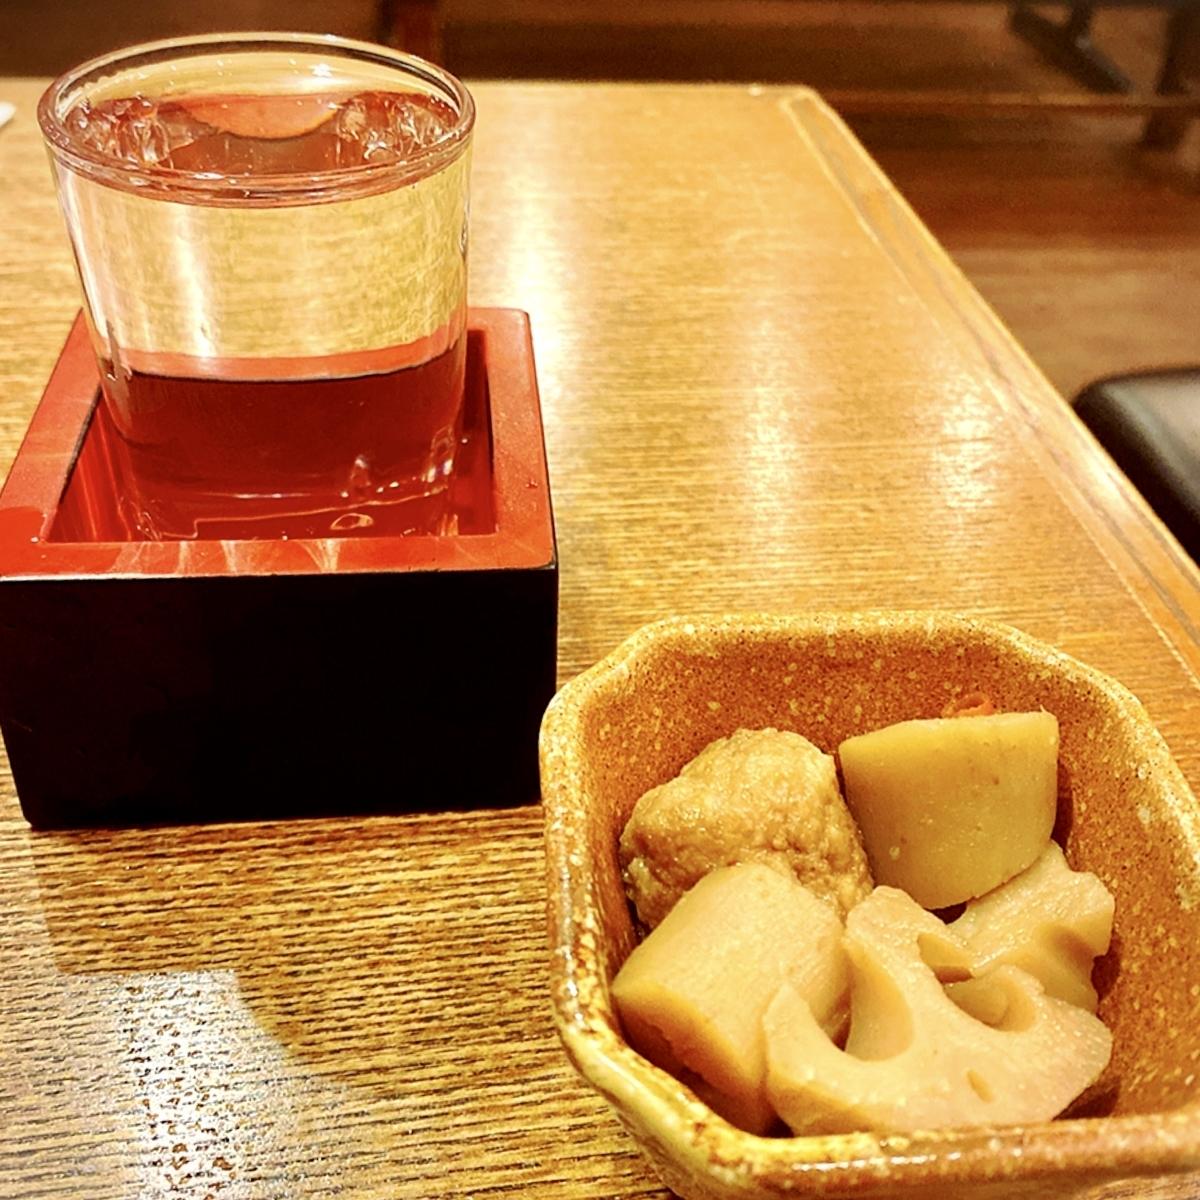 「蔵元居酒屋 清瀧」は一人のみから宴会はたまたガッツリ食べたい方にもおすすめできる居酒屋でした